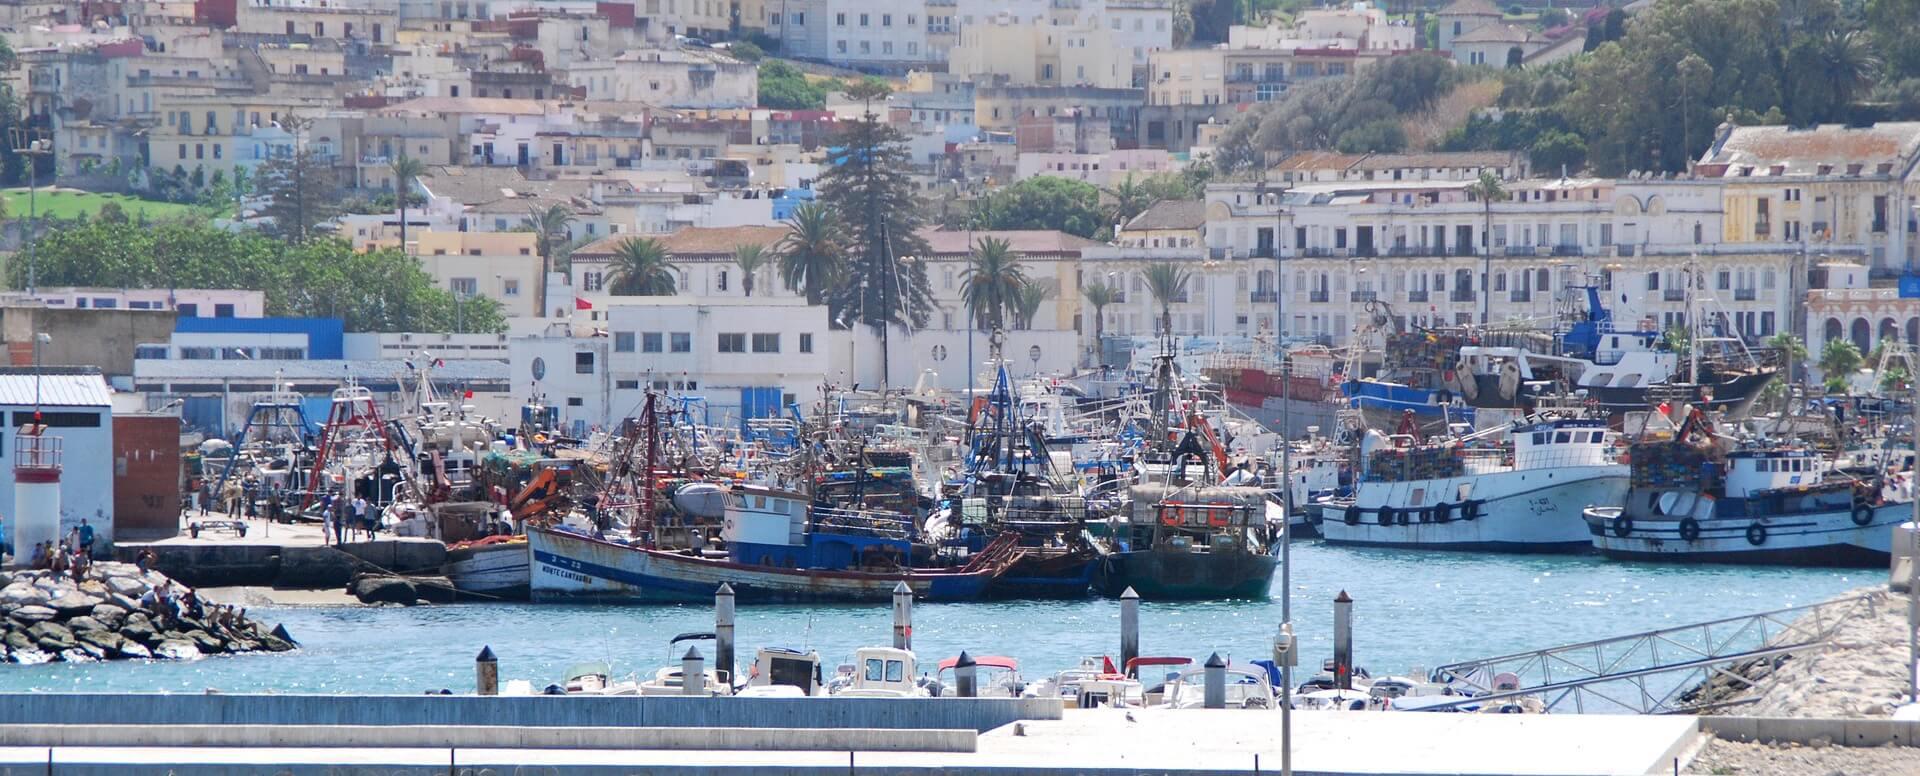 2. La ville de Tanger - Maroc